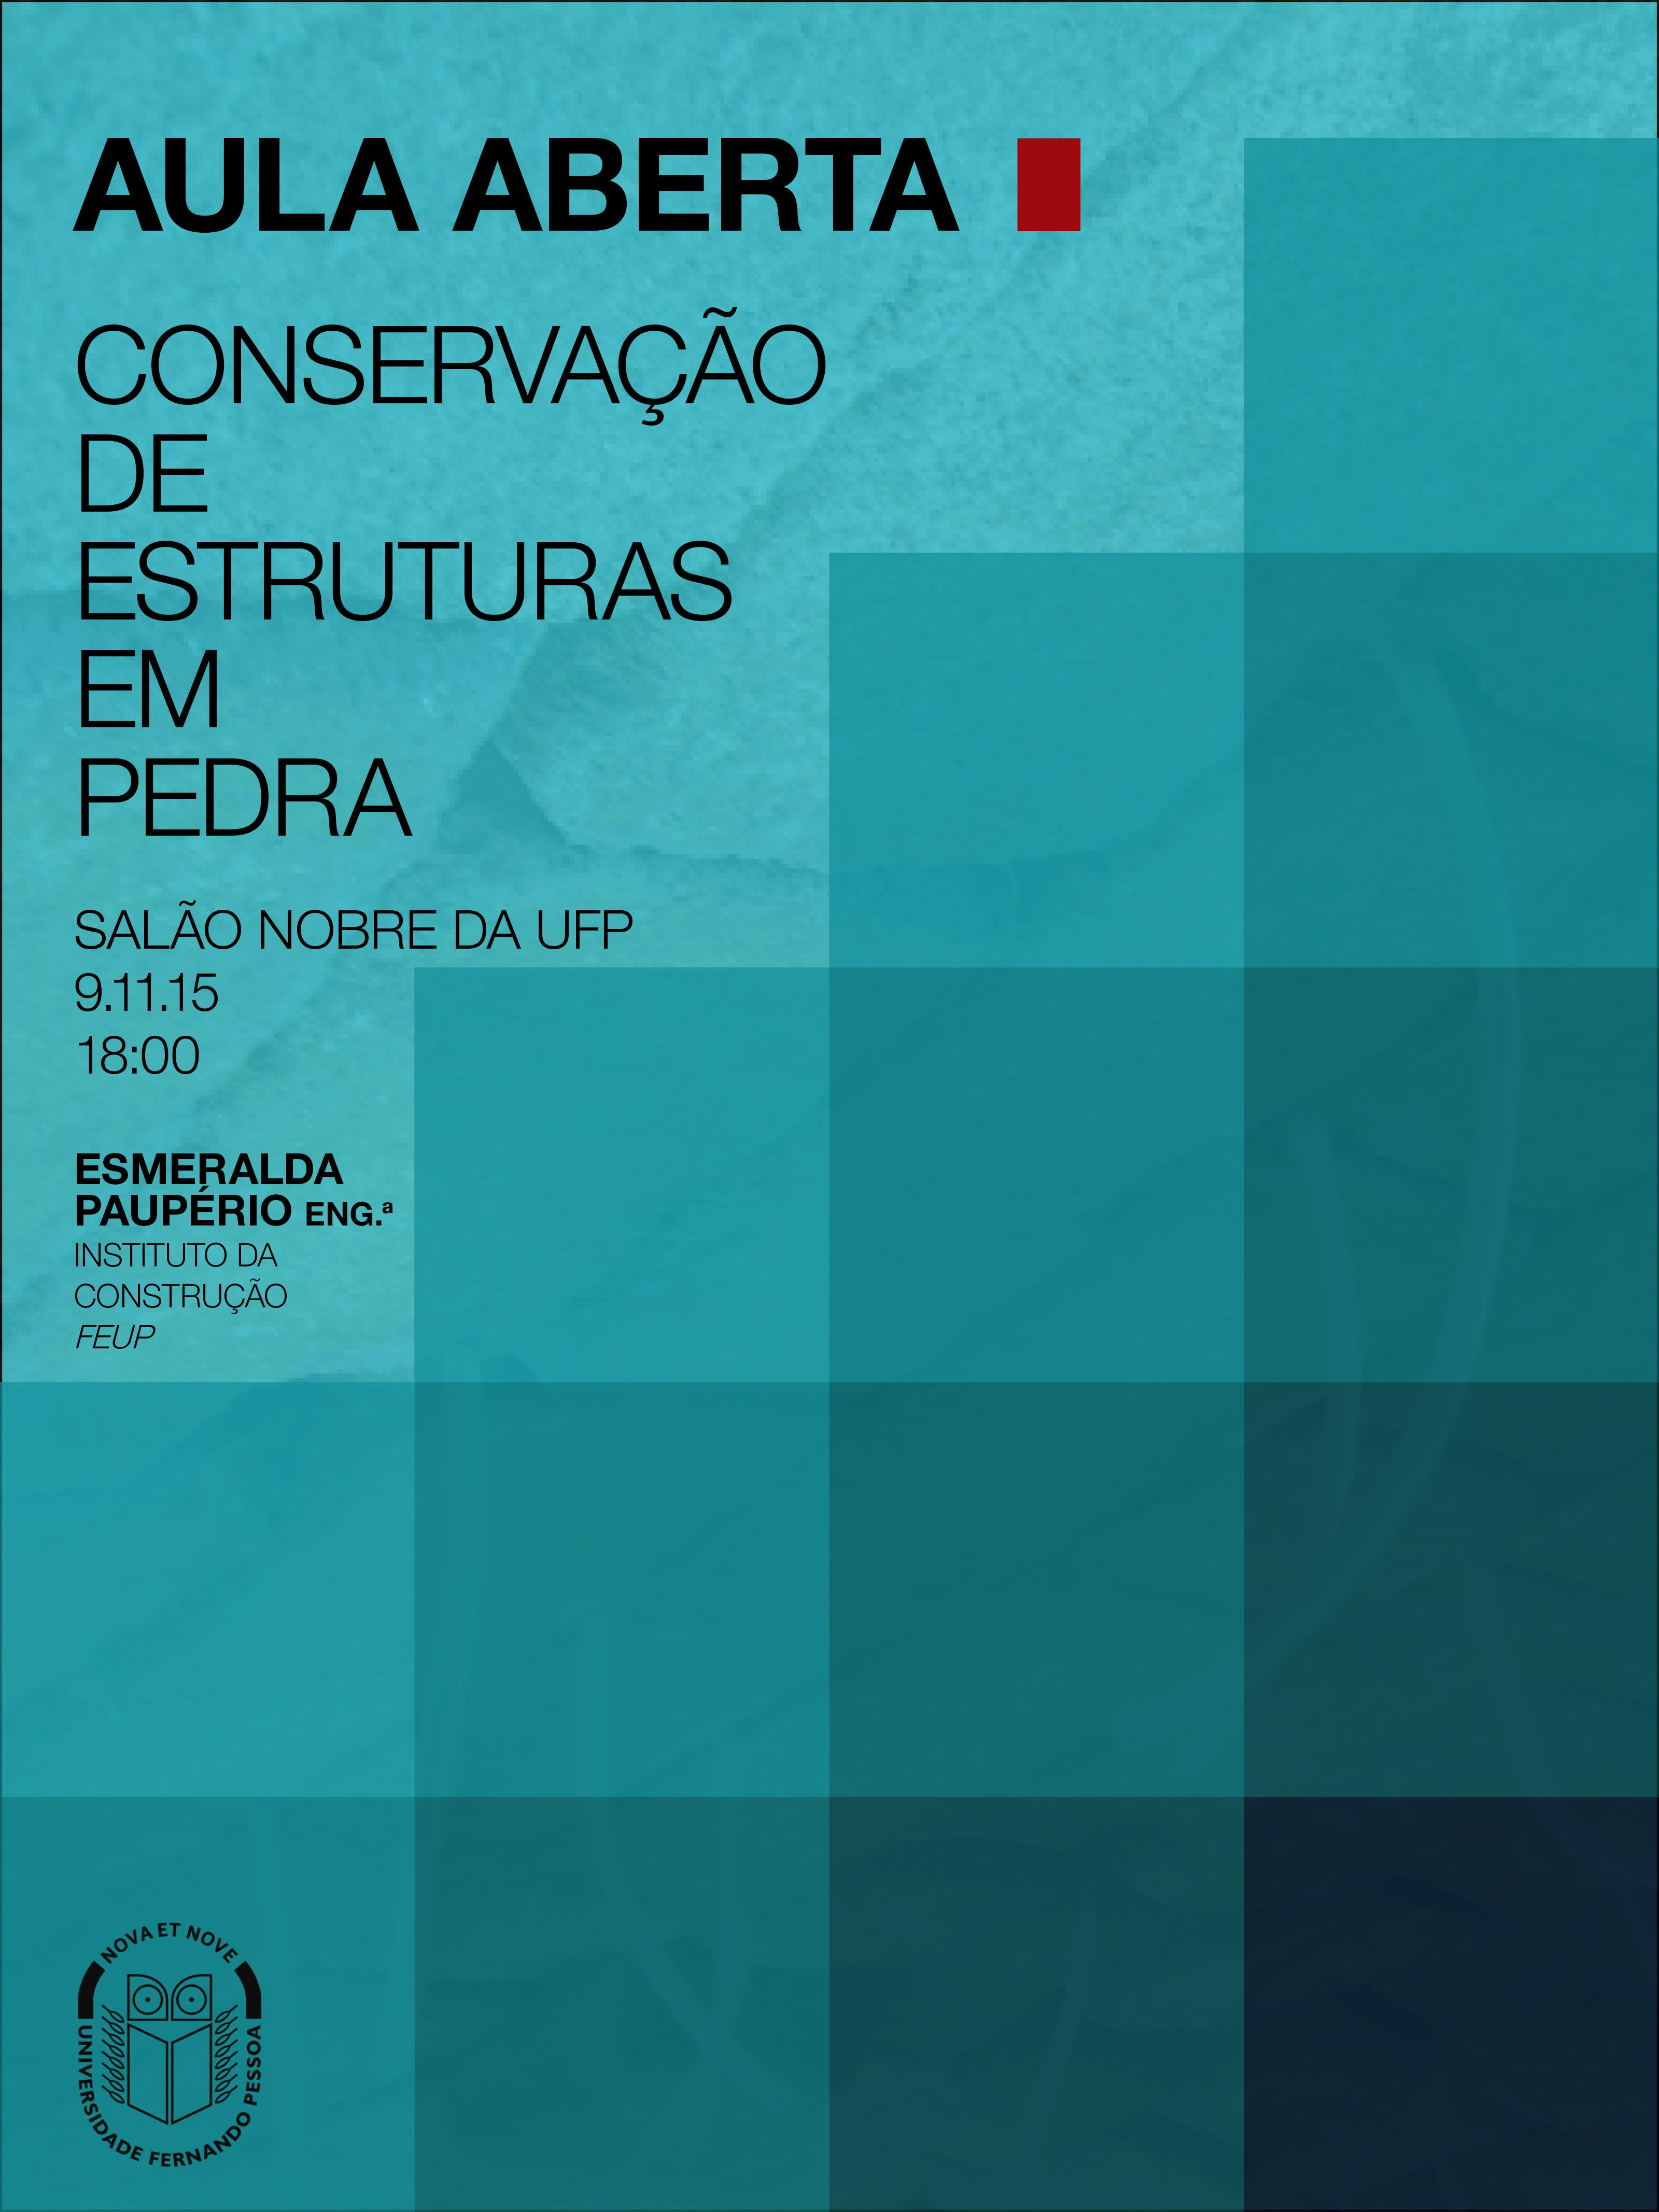 poster conservação